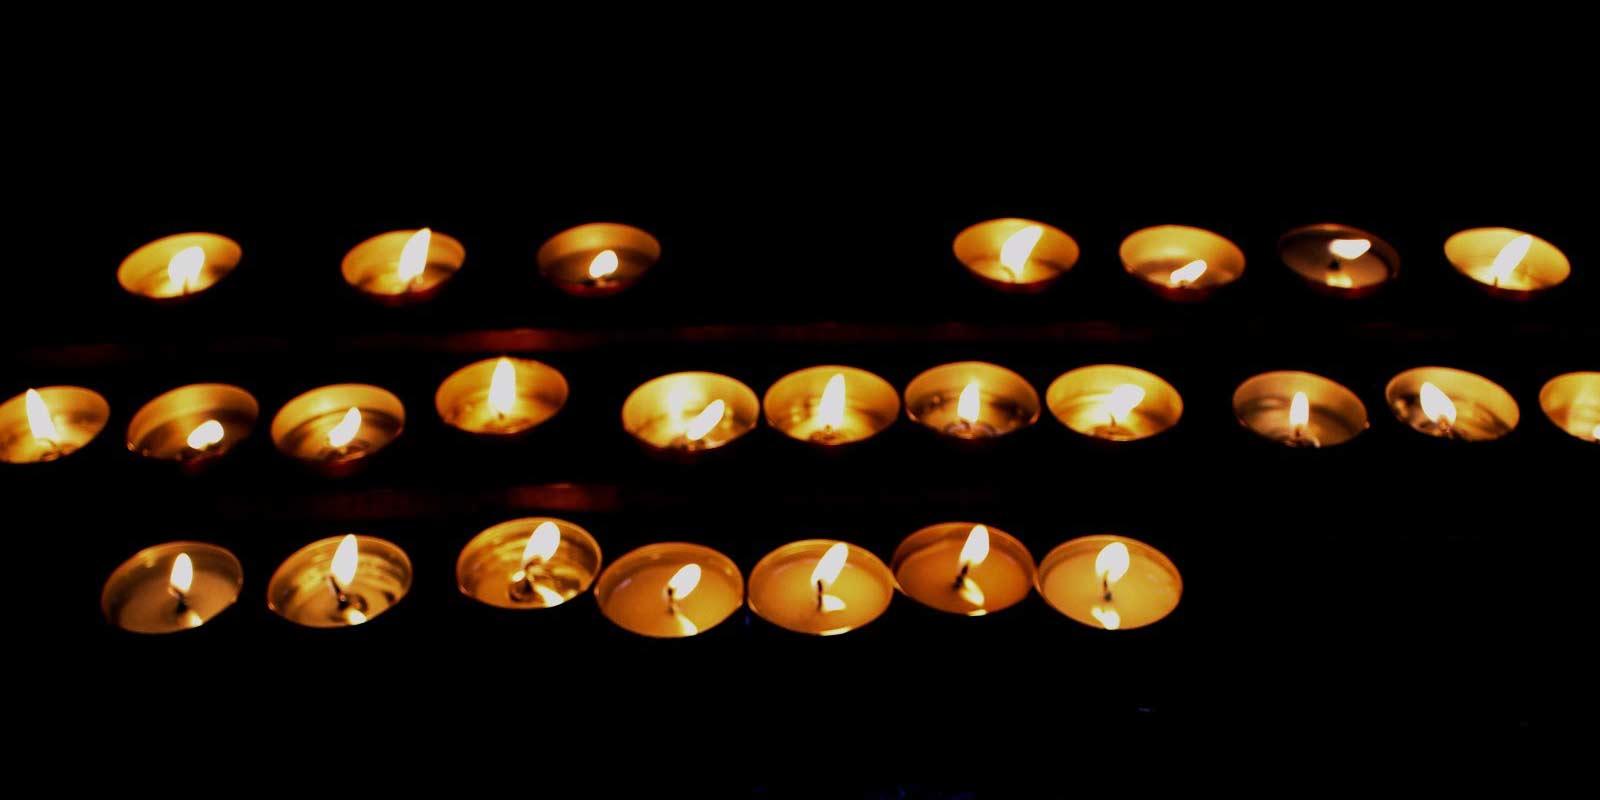 Semana Santa Velas Iglesia